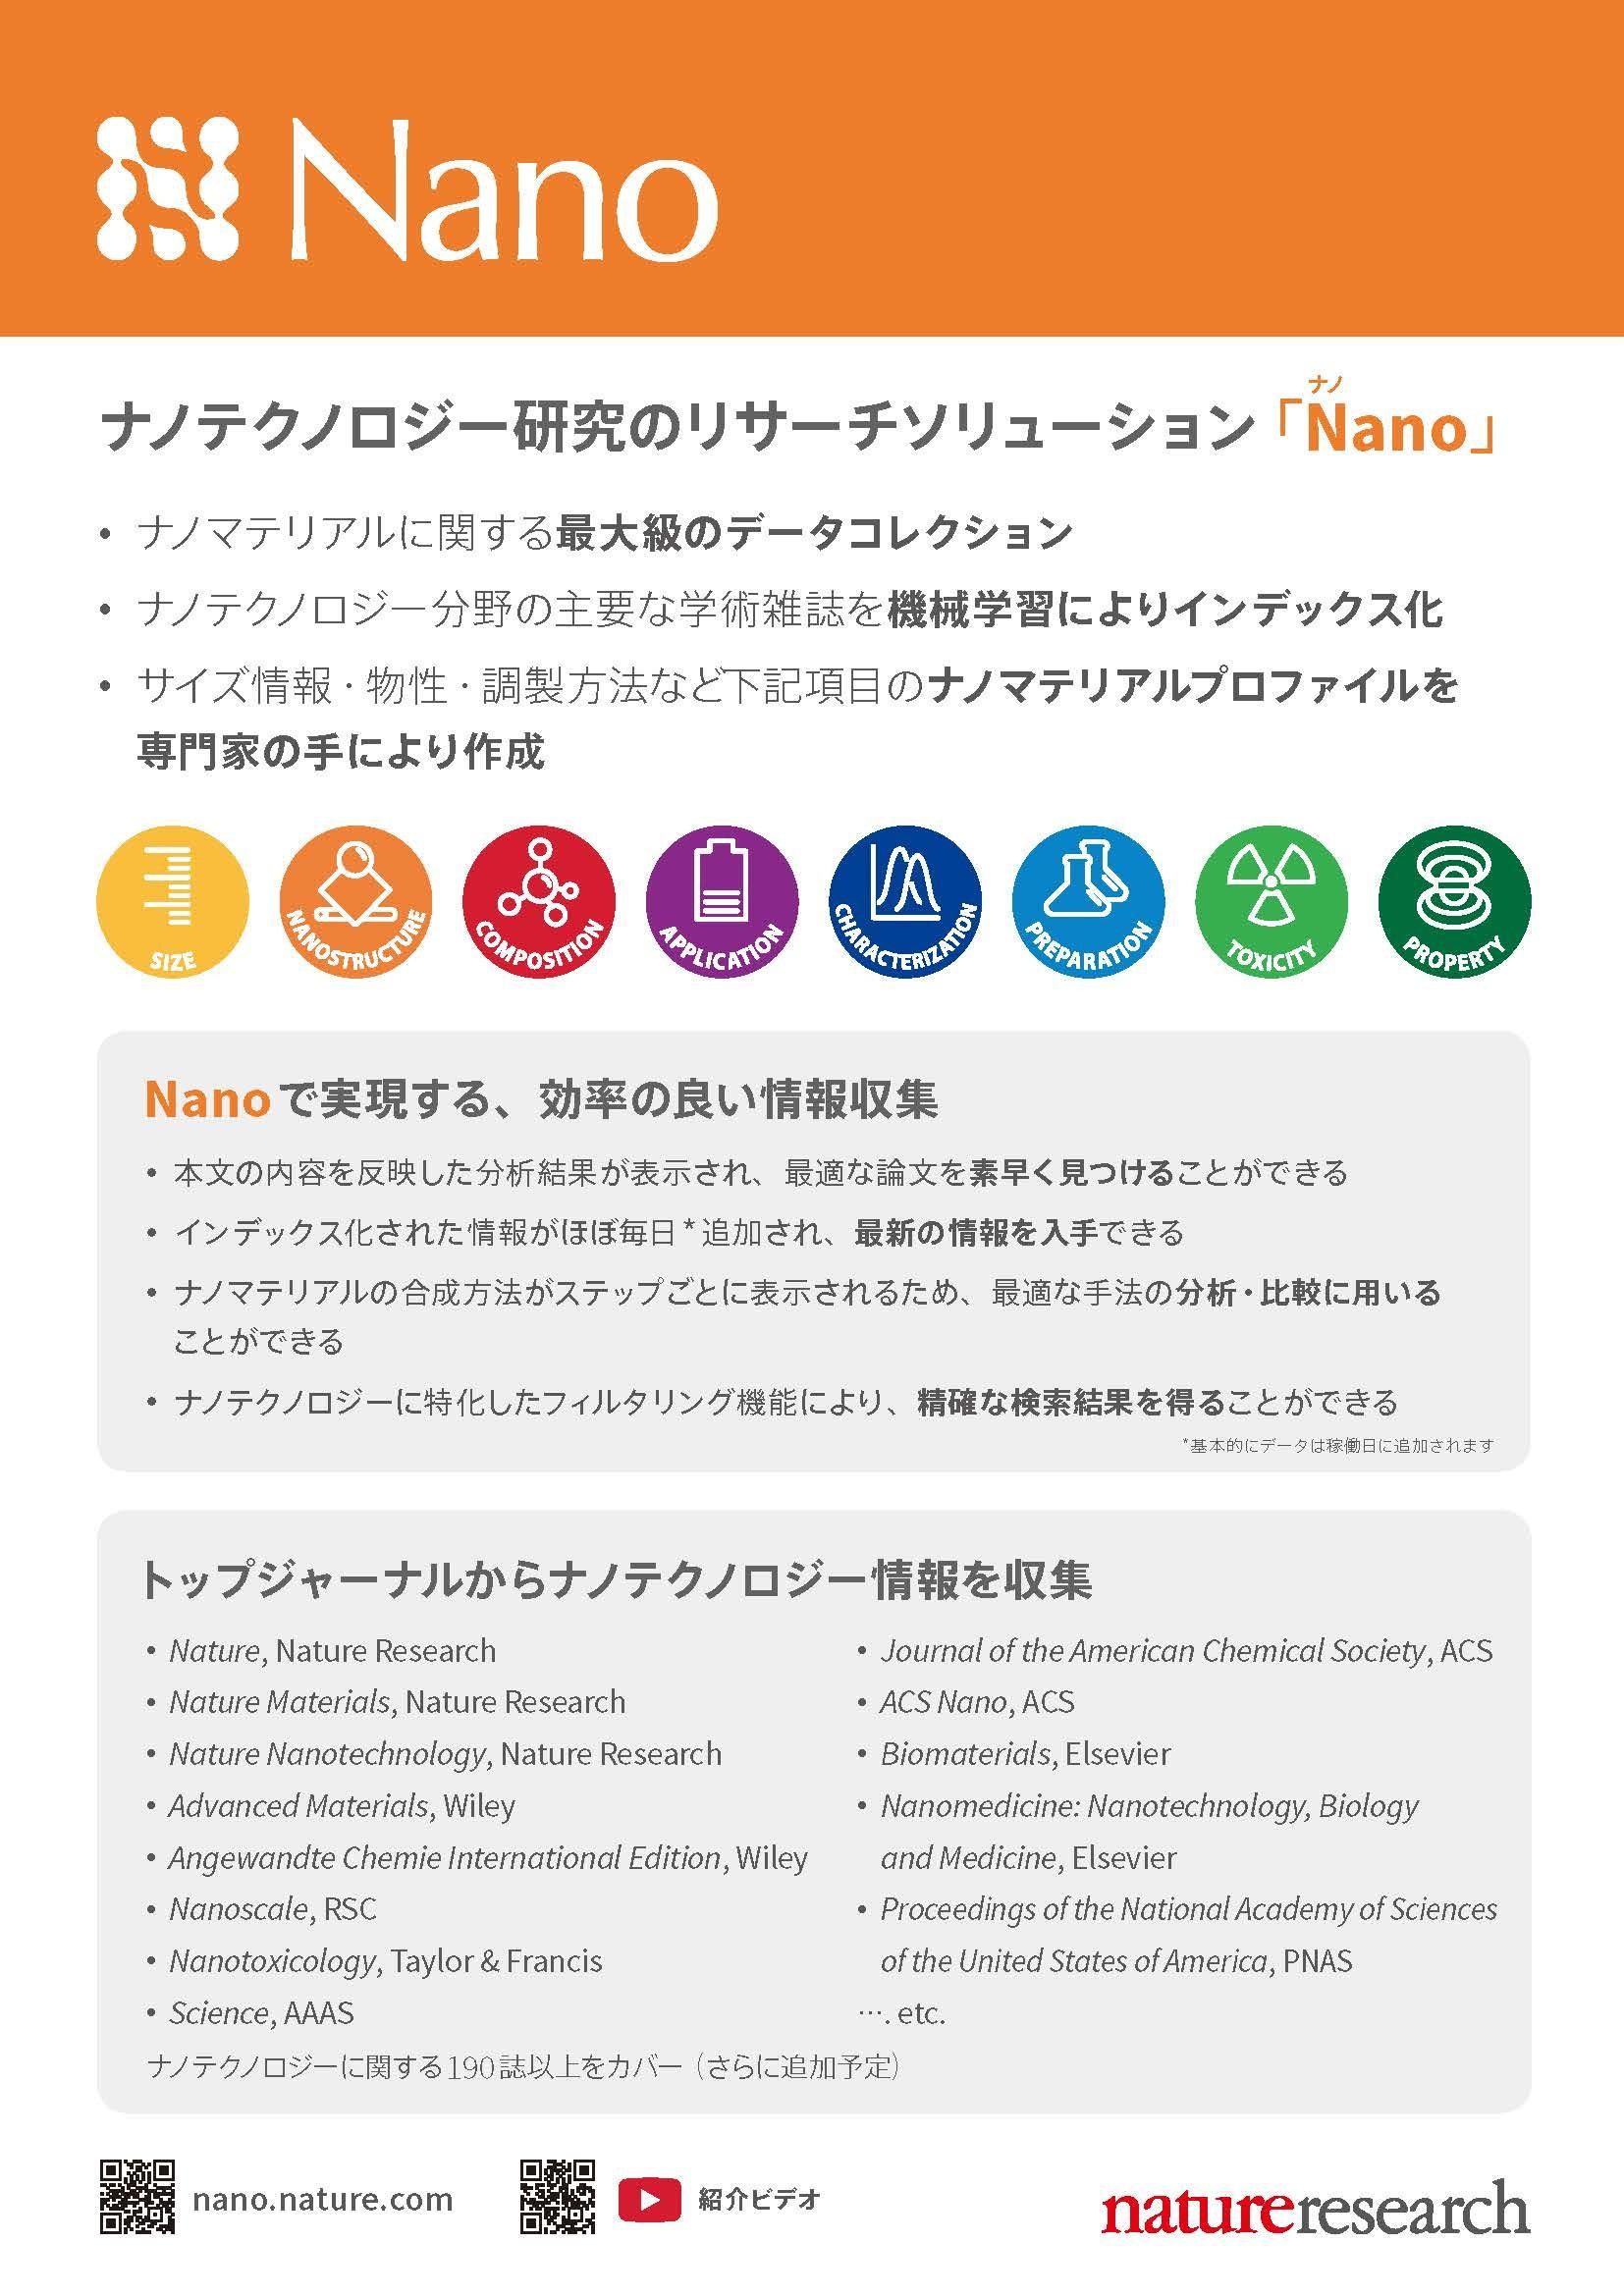 Nanoパンフレット